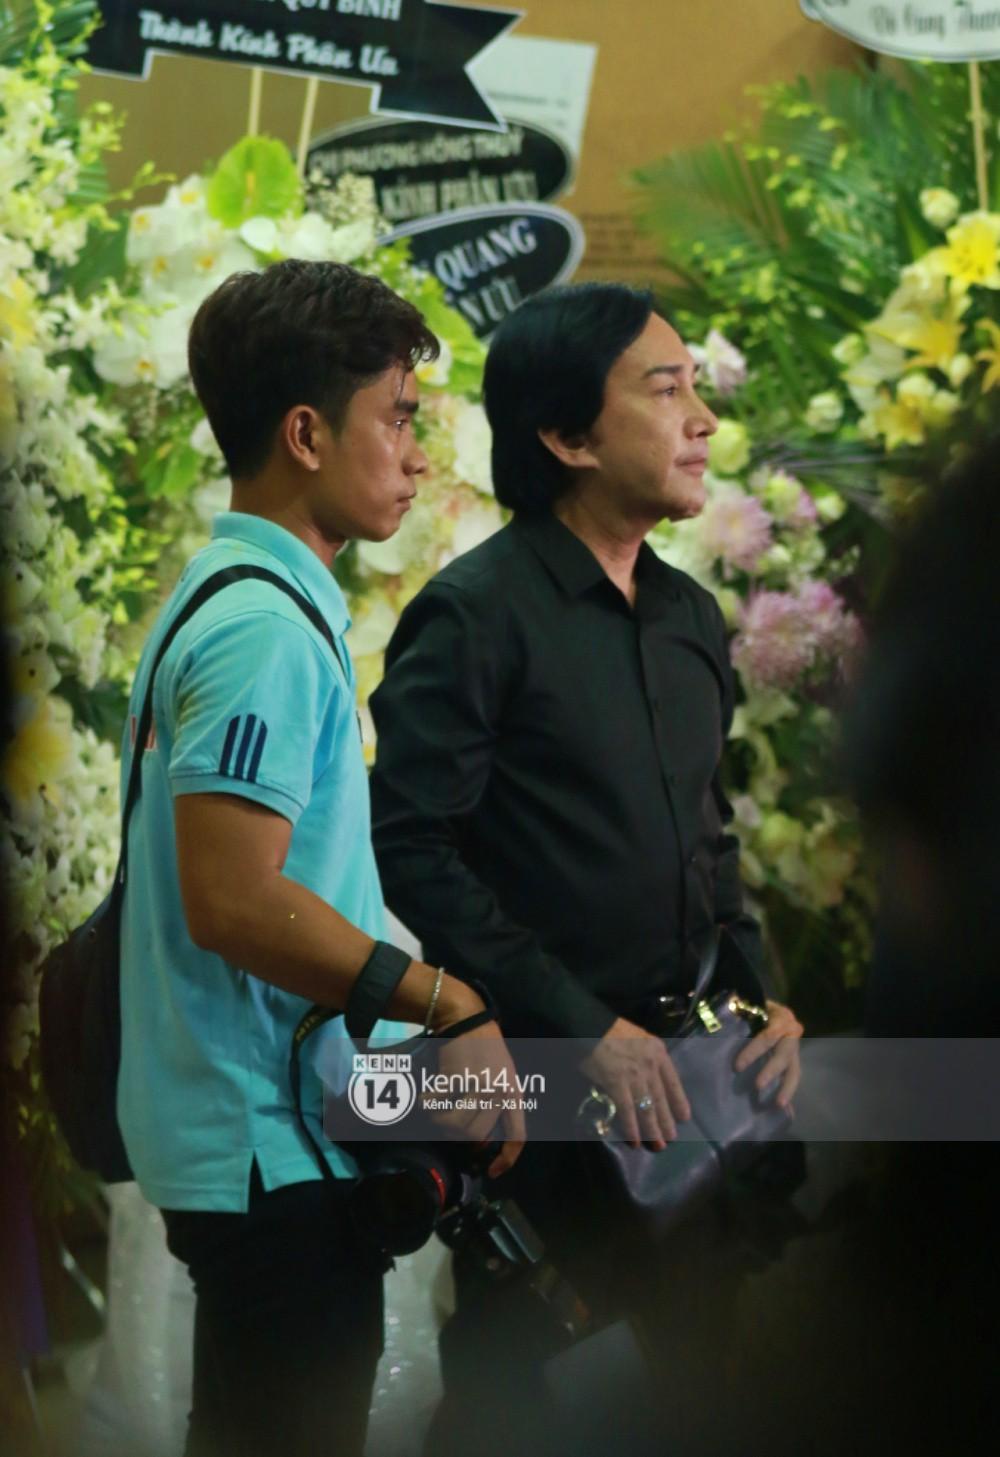 Đêm cuối cùng đám tang cố diễn viên Anh Vũ: Nghệ sĩ lặng người, không giấu được xúc động trước linh cữu-6